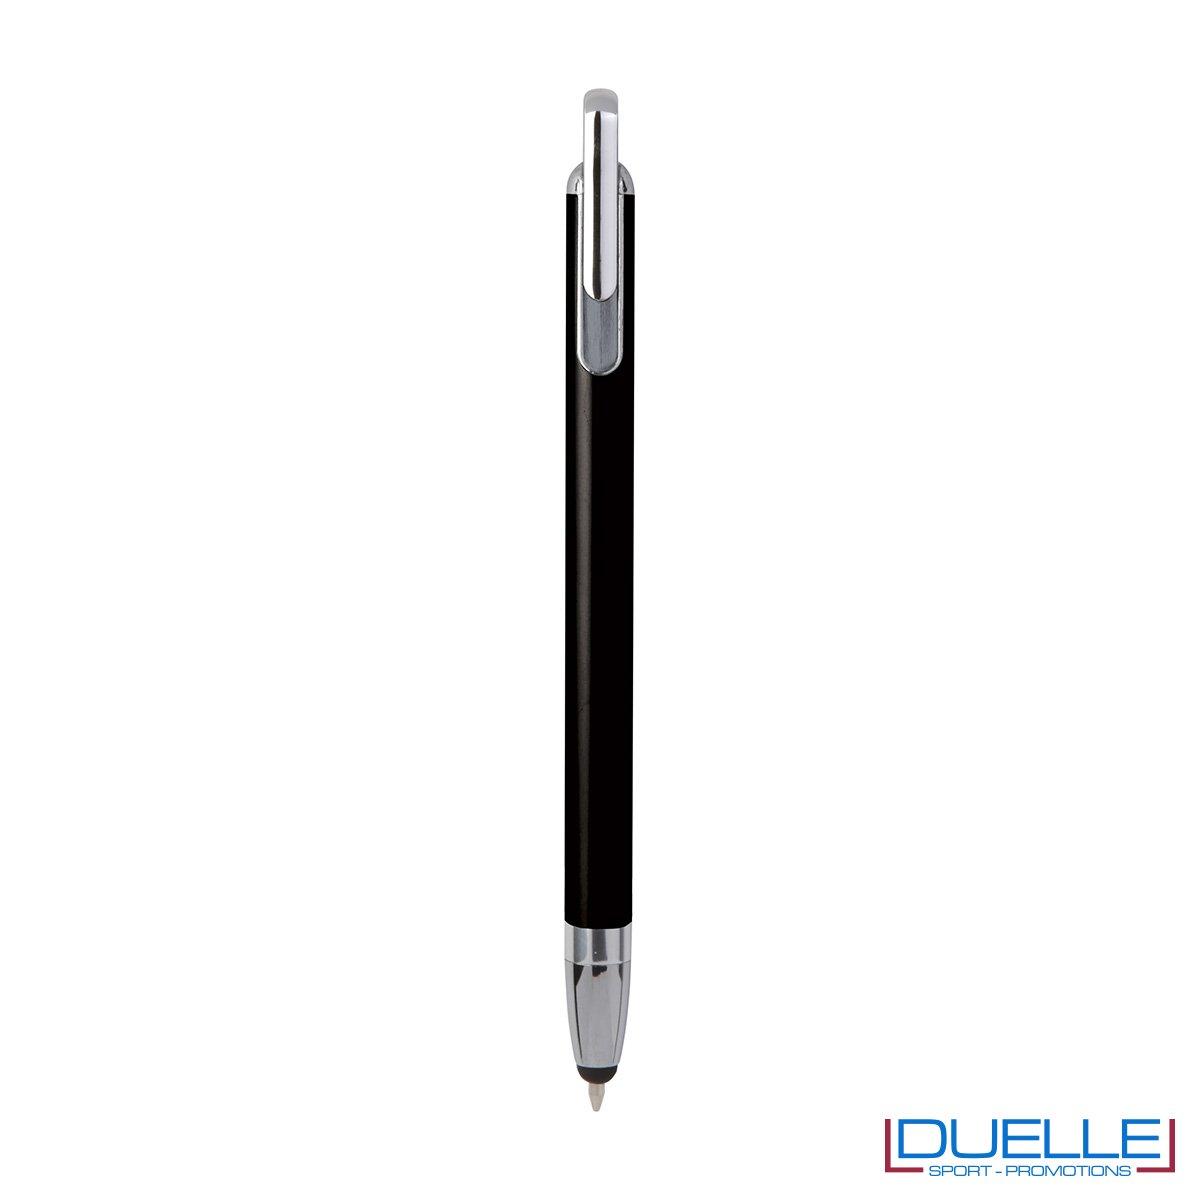 Penna touch screen con fusto interamente in metallo e puntale in plastica colore nero